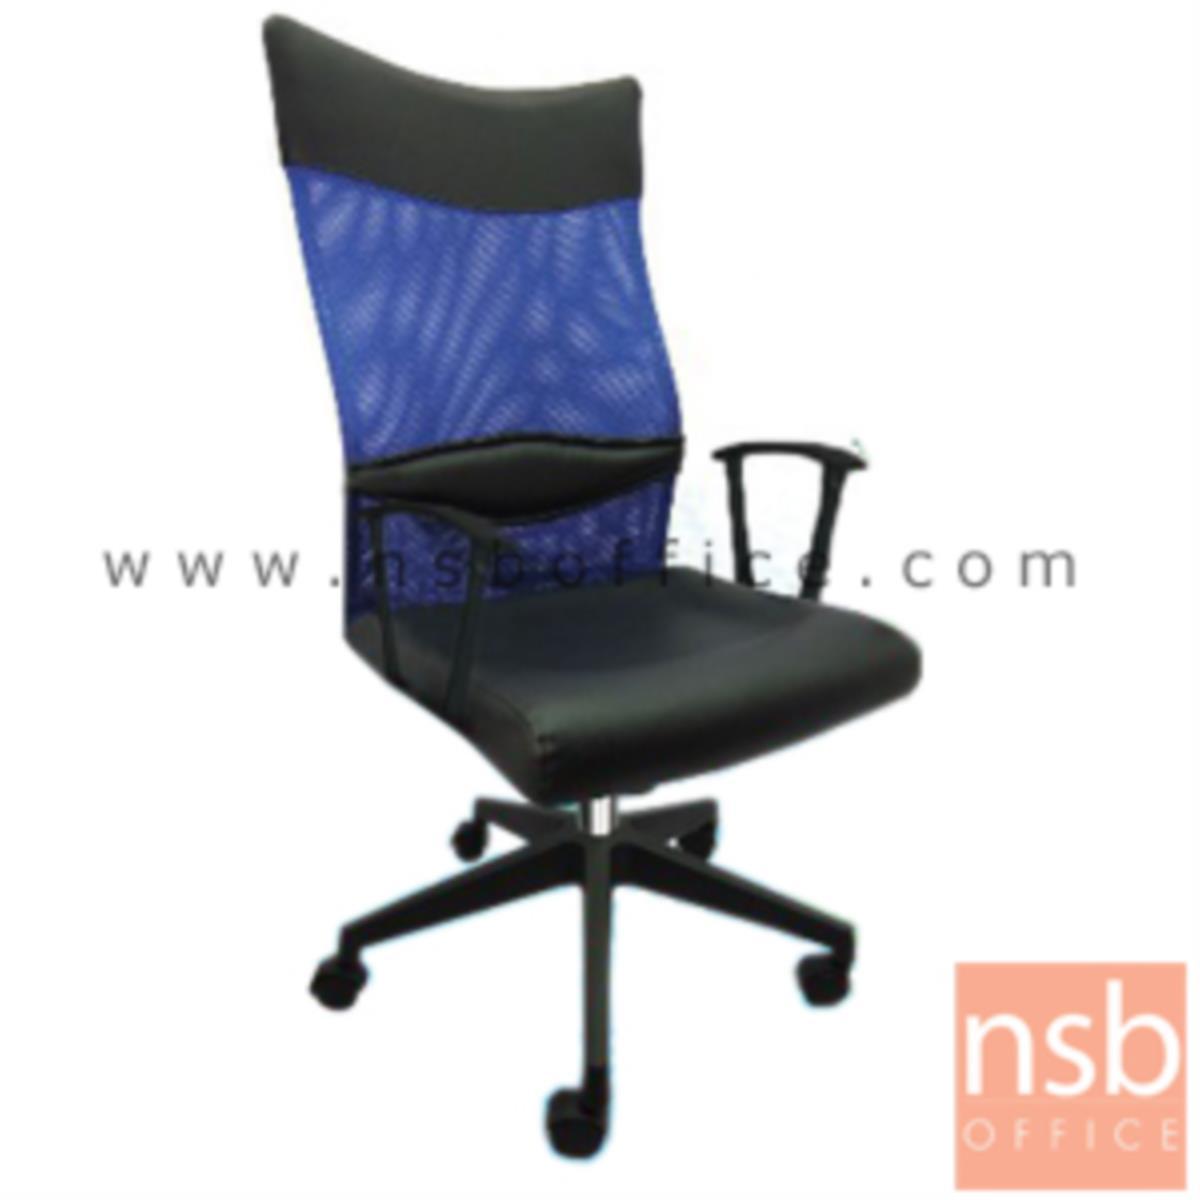 B24A214:เก้าอี้ผู้บริหารหลังเน็ต รุ่น Partch (พาตช์)  ขาพลาสติก